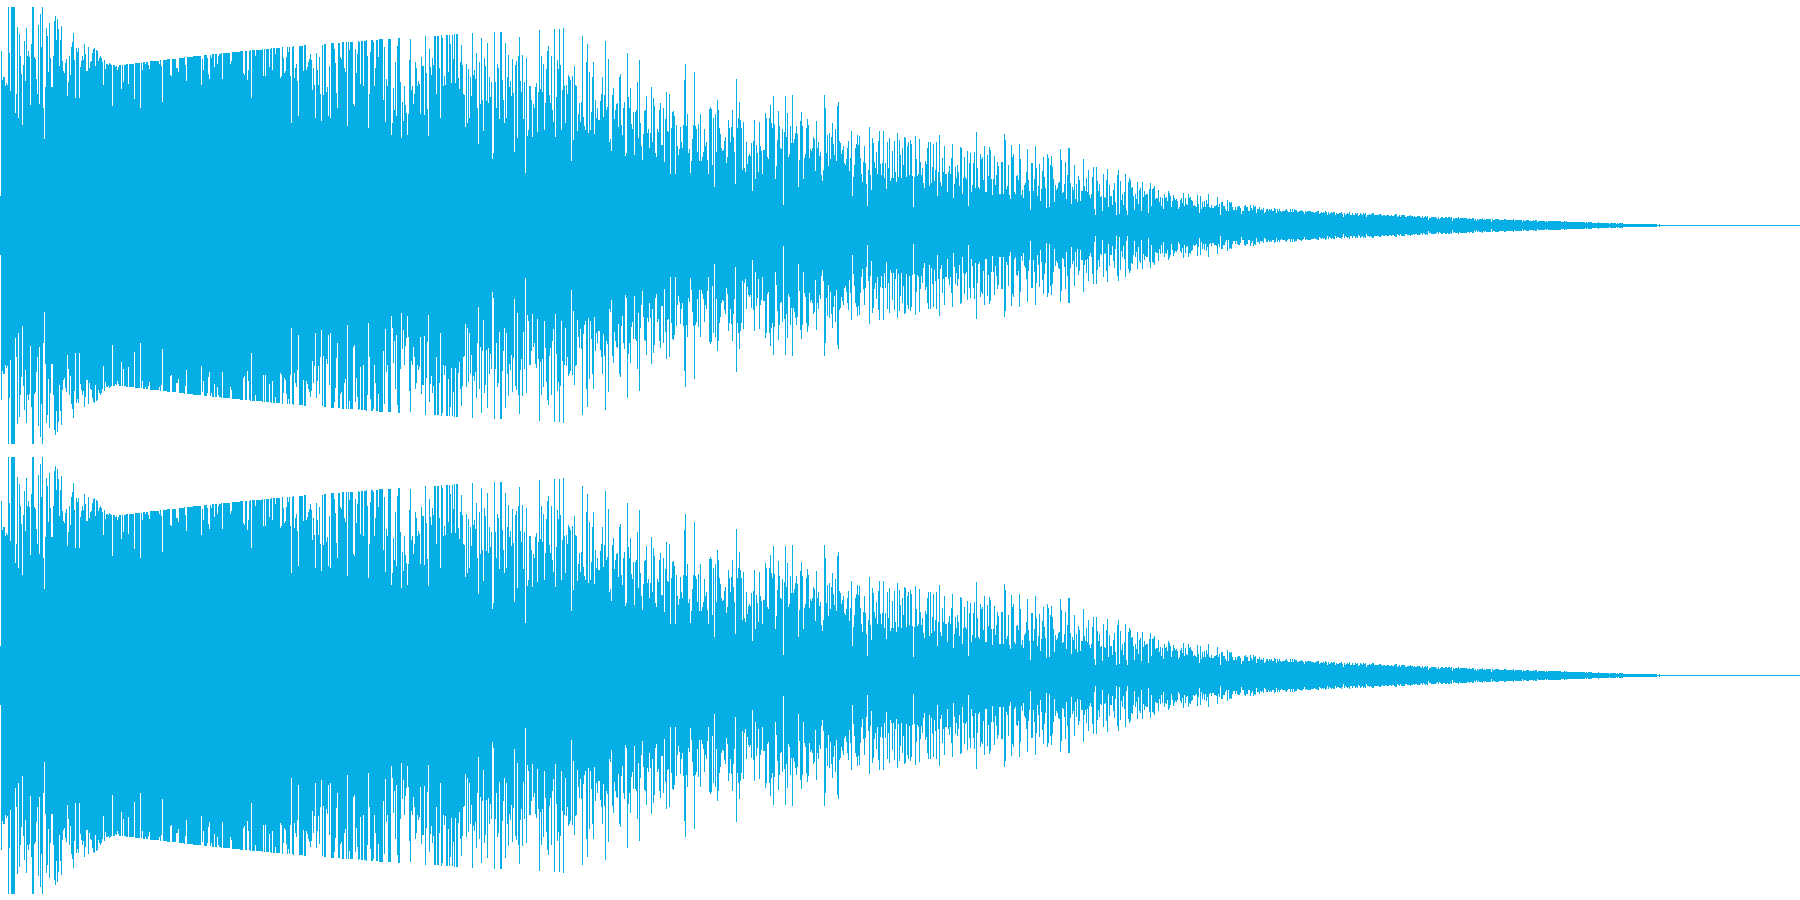 ビームライフル発射音 タイプ2の再生済みの波形